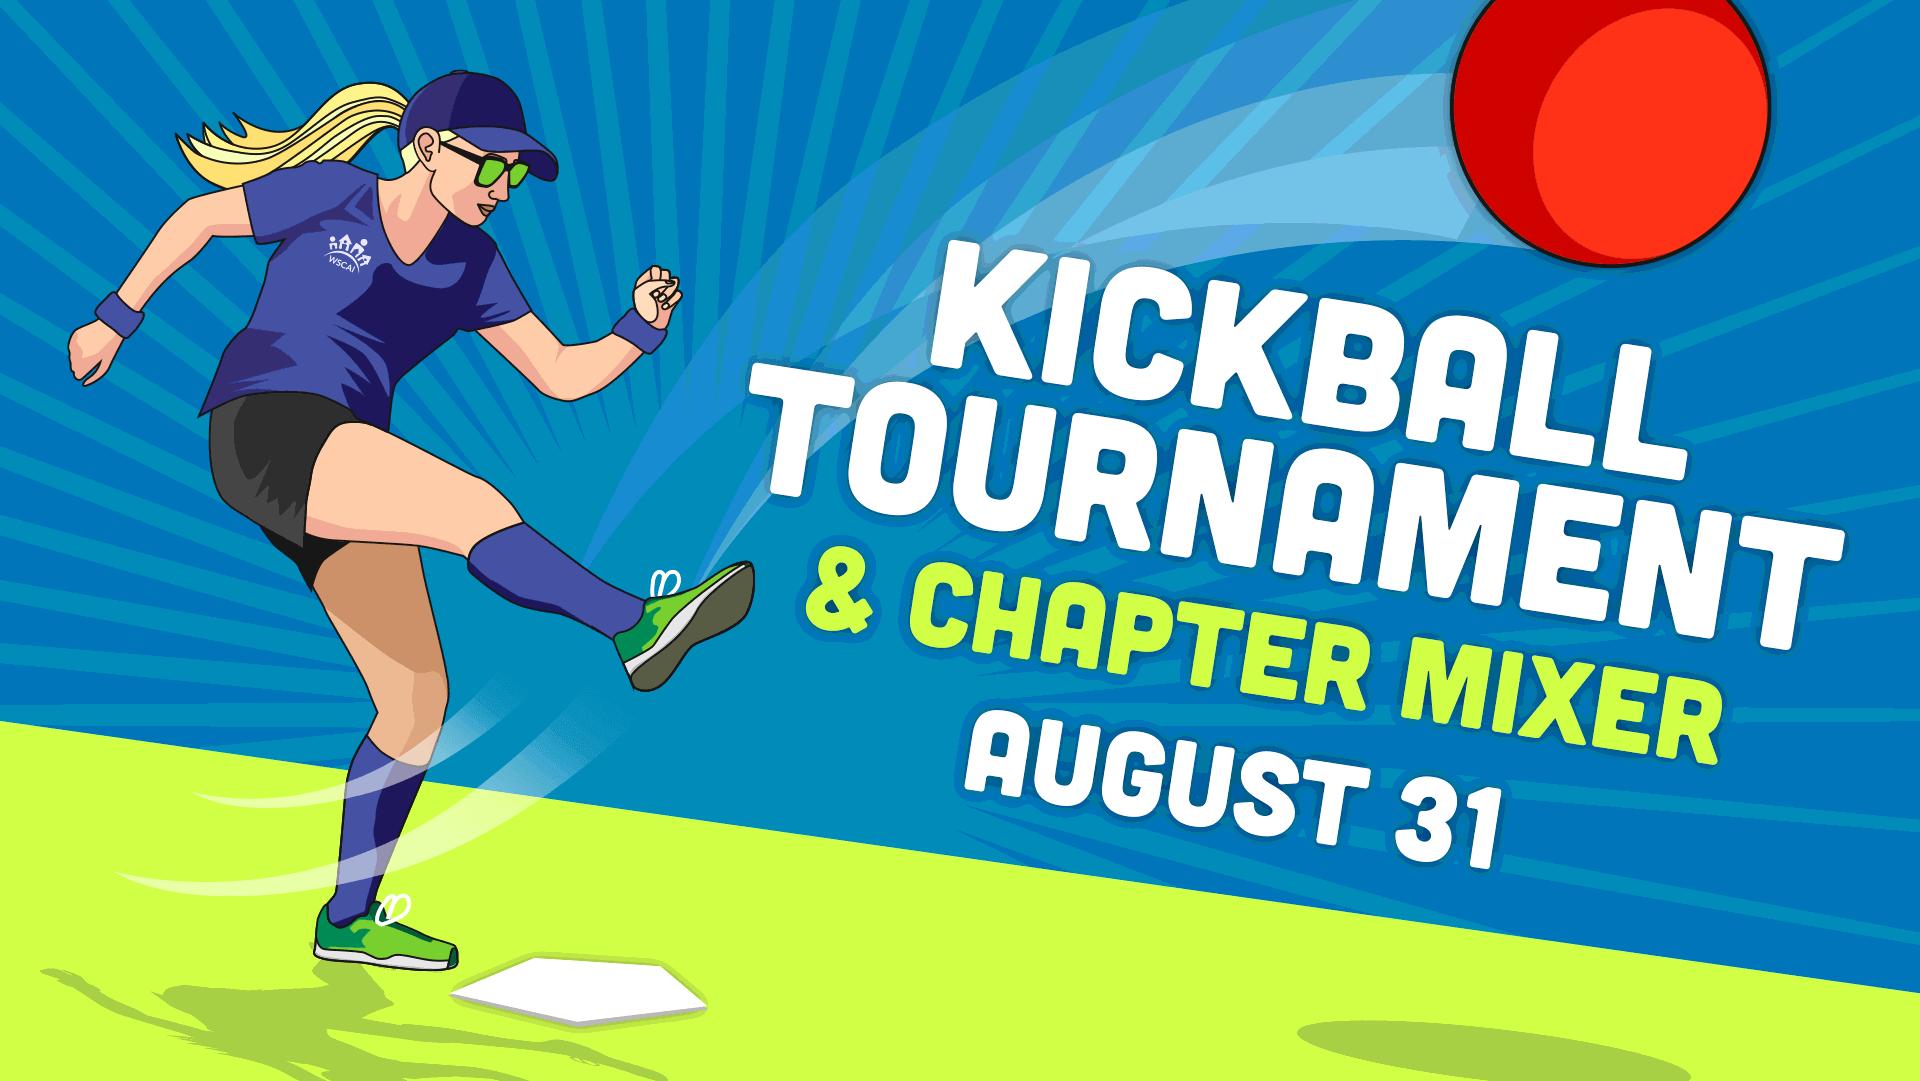 Kickball Tournament & Chapter Mixer 2021